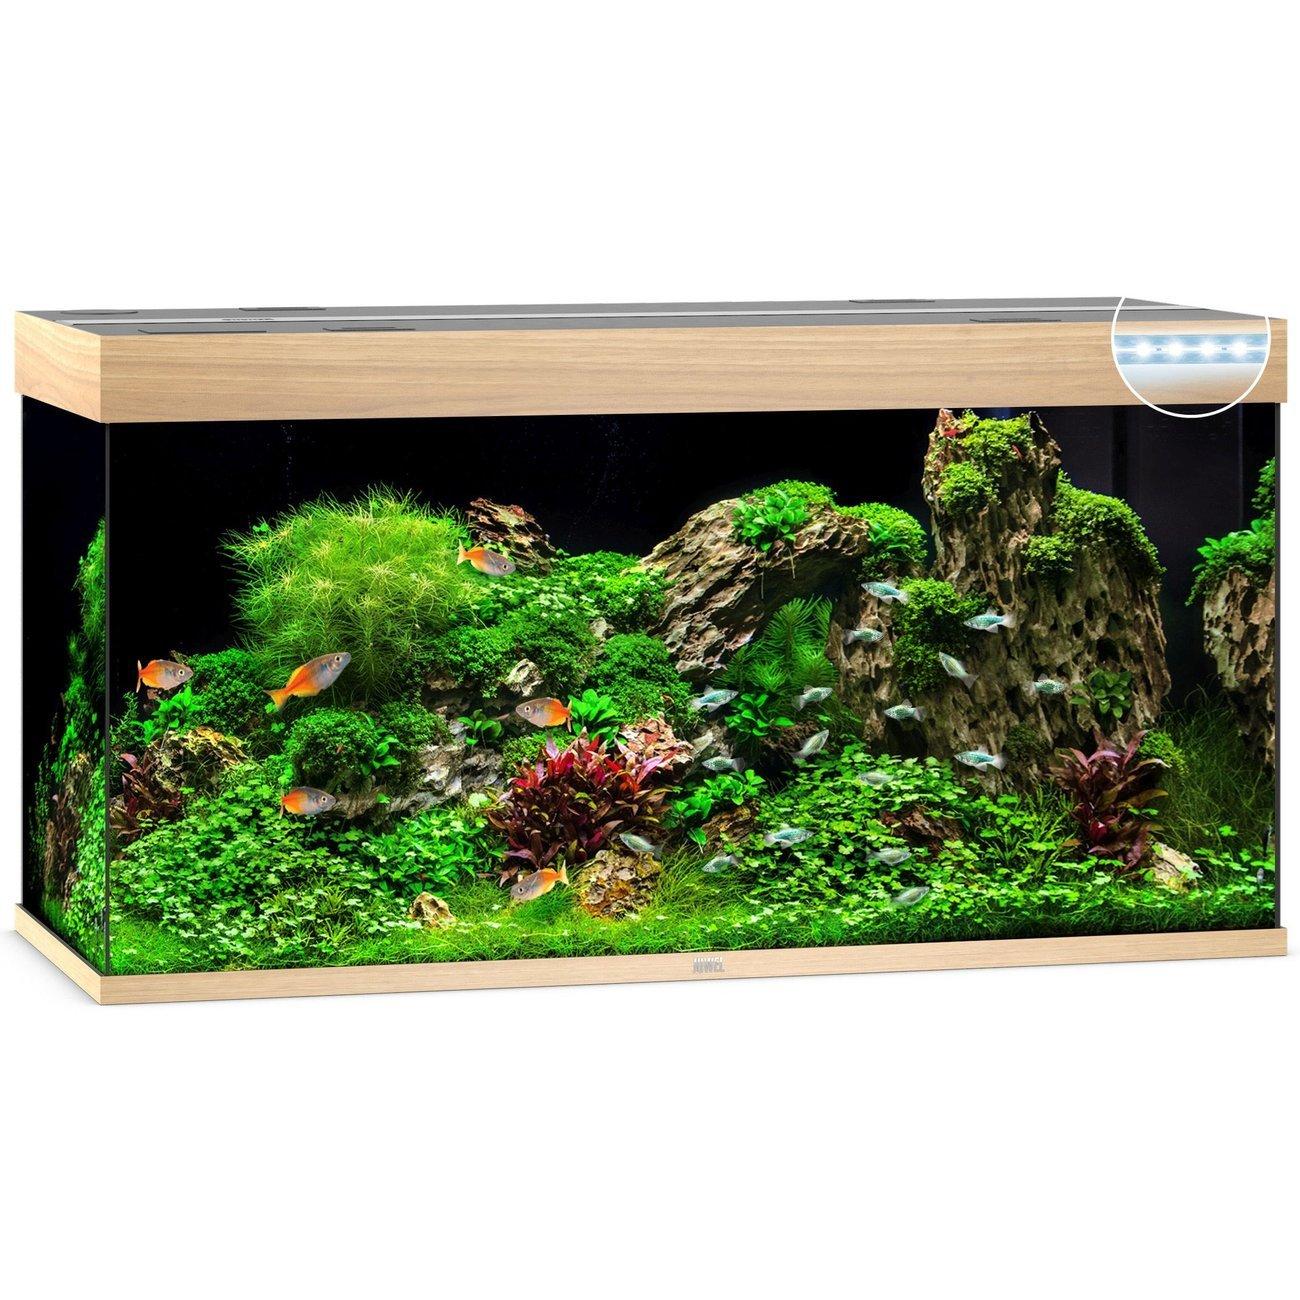 Juwel Rio 350 LED Aquarium, Bild 3